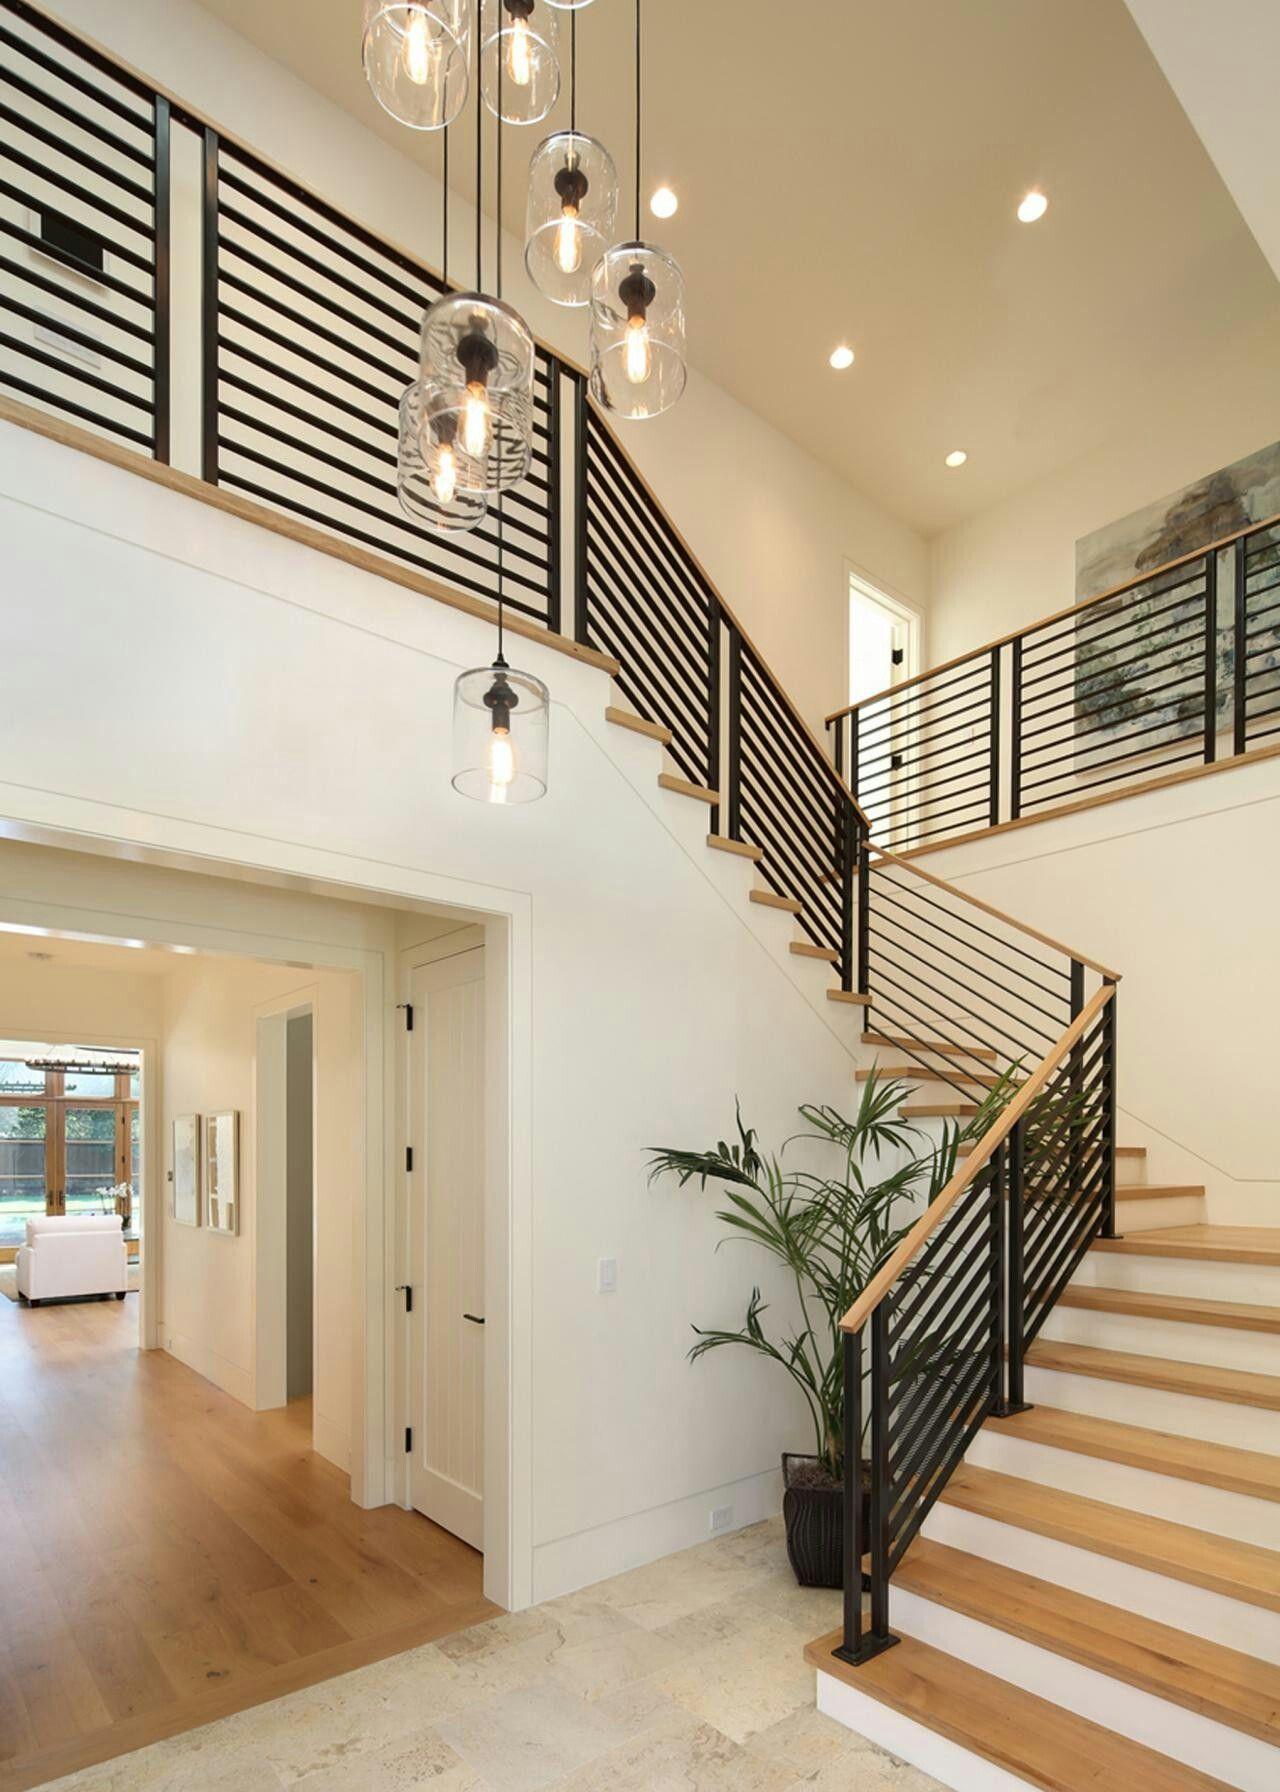 Besoin Du0027idées Du0027éclairage Pour Un Escalier Intérieur ? Voici Quelques  Propositions, à Considérer Absolument Pour Lu0027aménagement Intérieur De  Design Moderne.